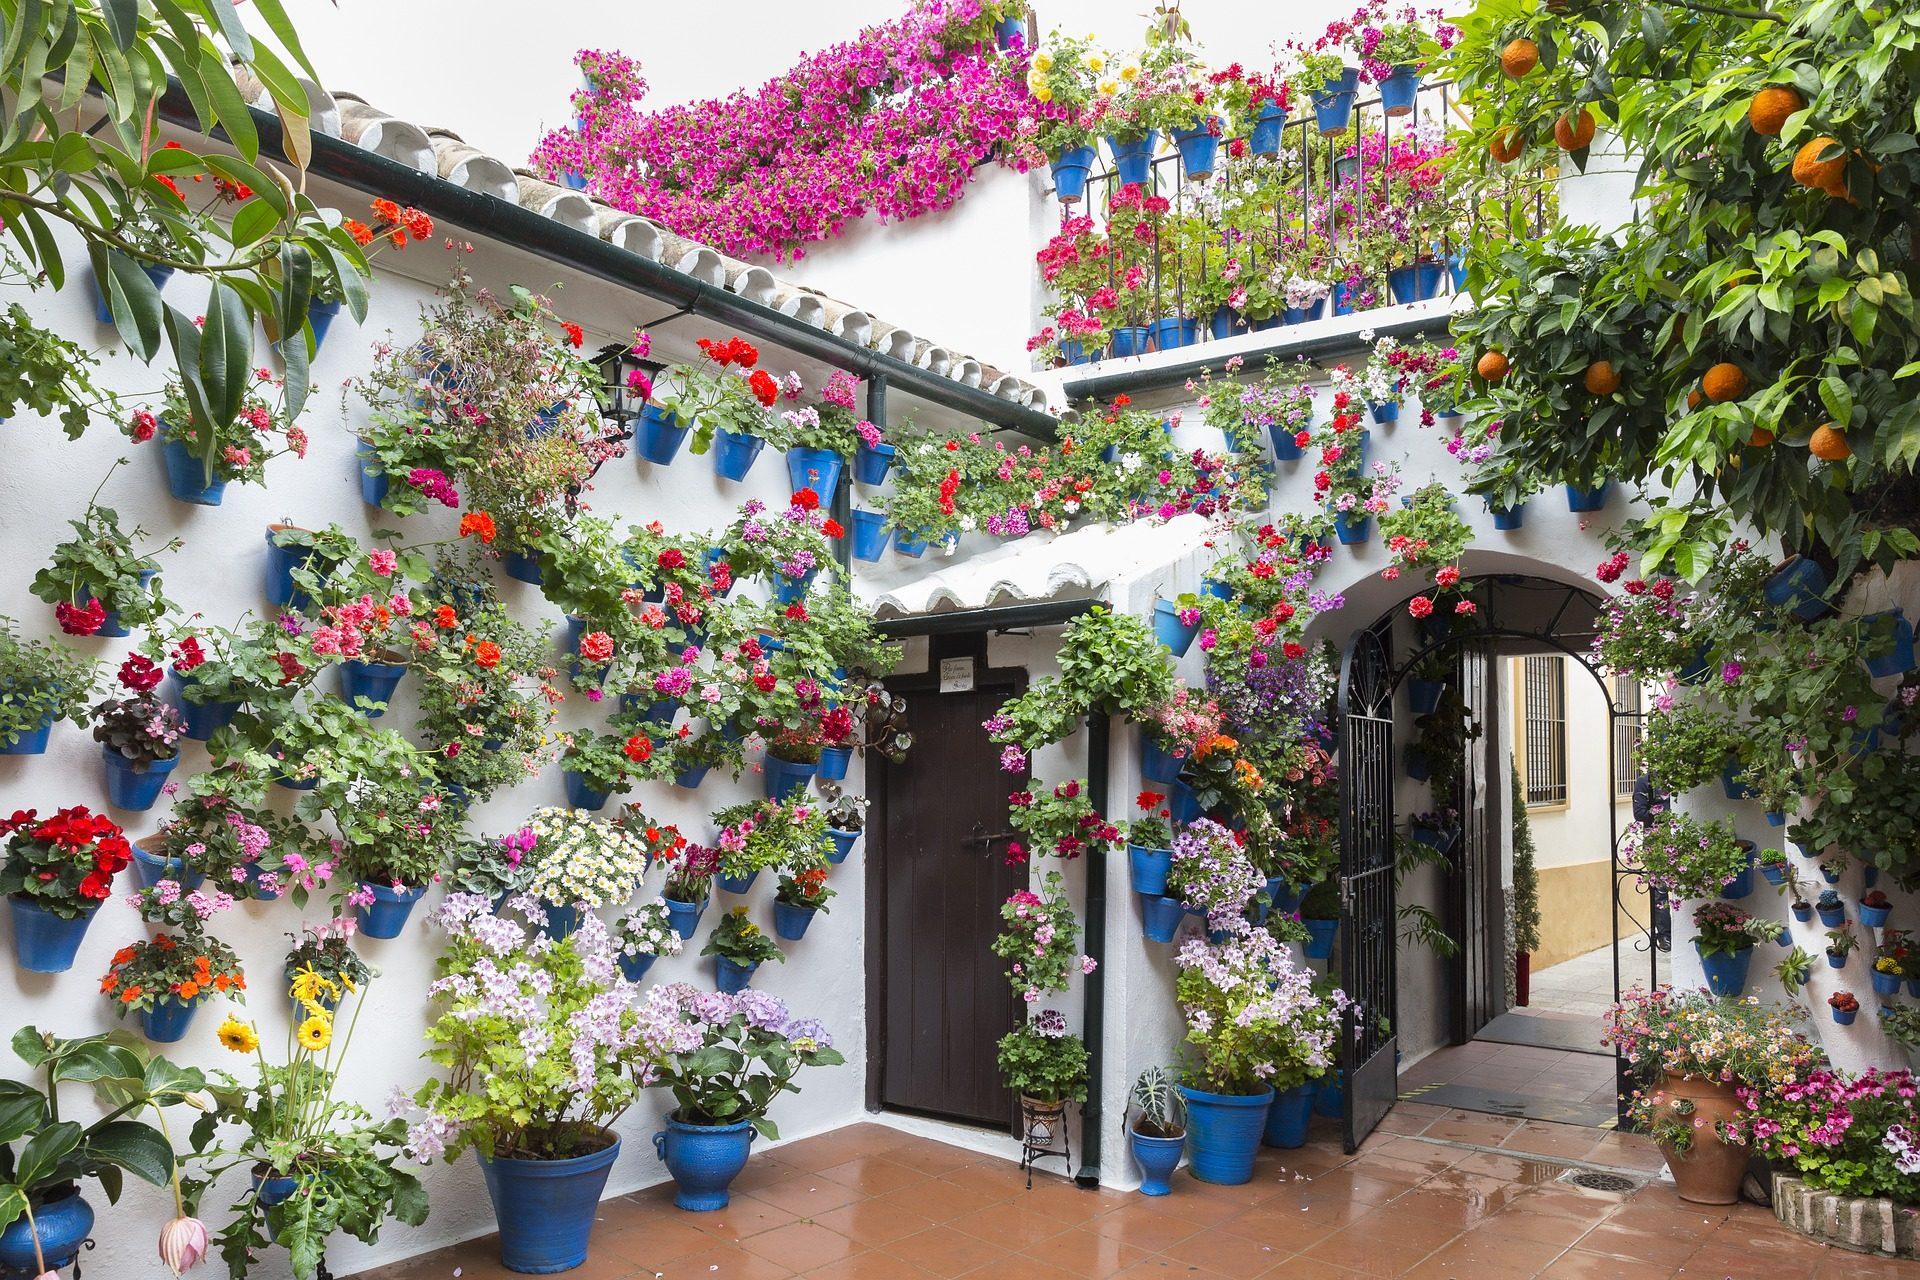 فناء, المنزل, الأواني, الزهور, ملون, قرطبة, إسبانيا - خلفيات عالية الدقة - أستاذ falken.com